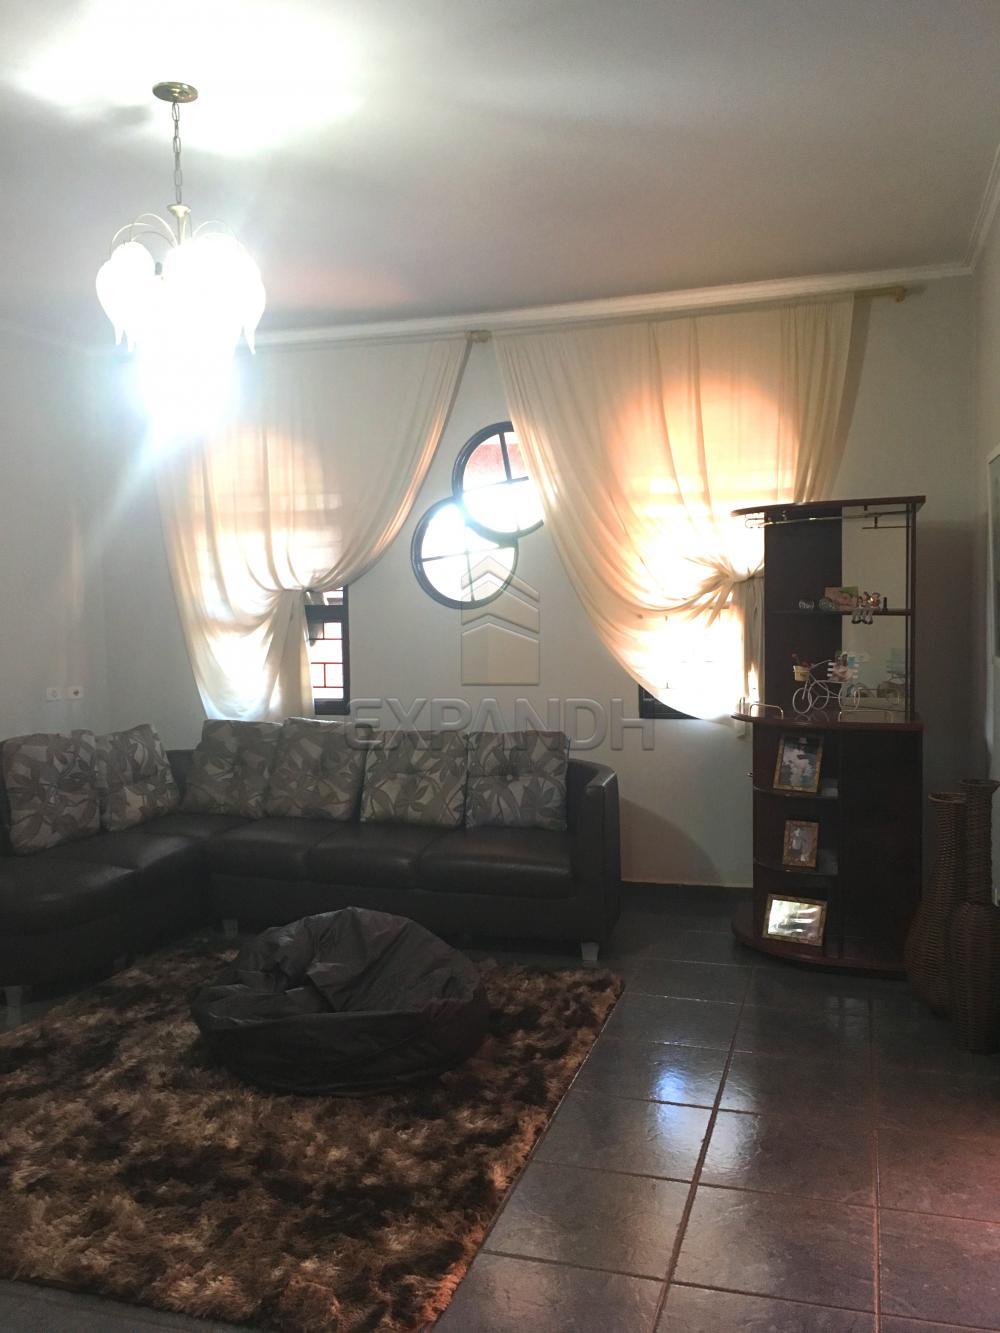 Comprar Casas / Padrão em Sertãozinho R$ 410.000,00 - Foto 4